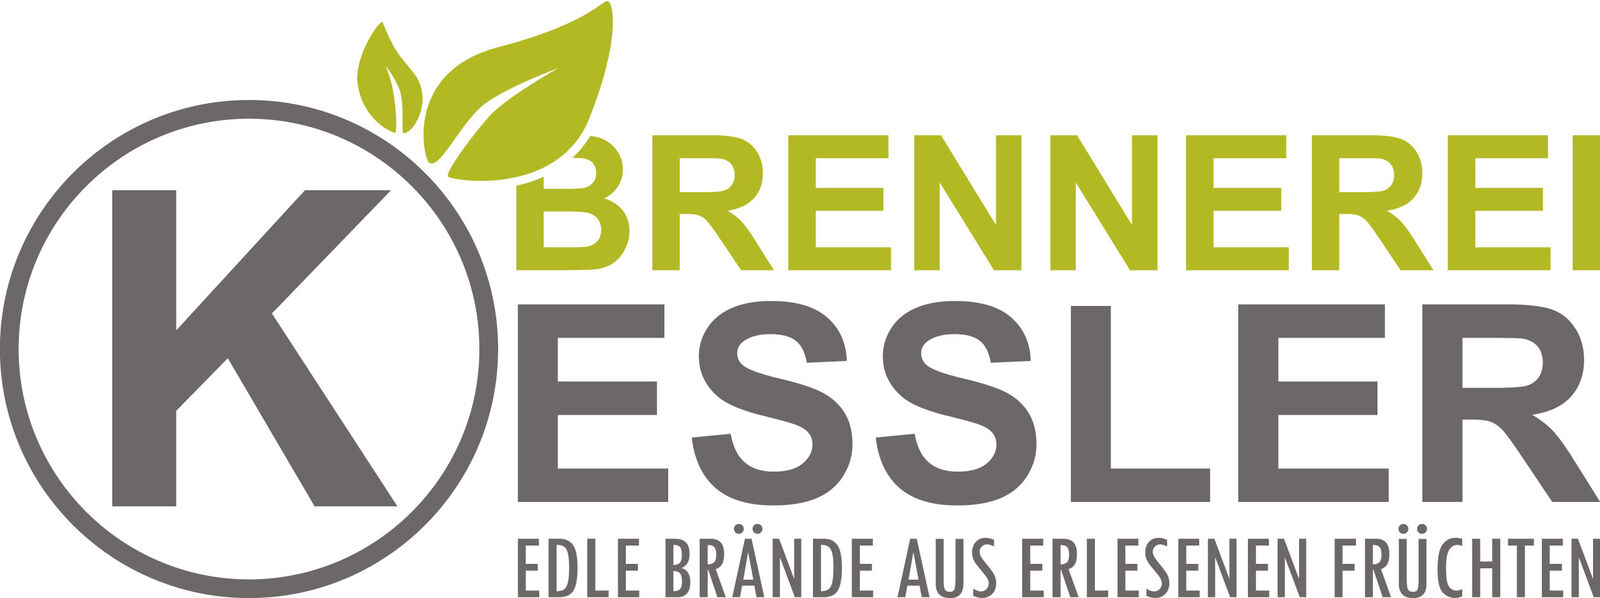 Brennerei Kessler